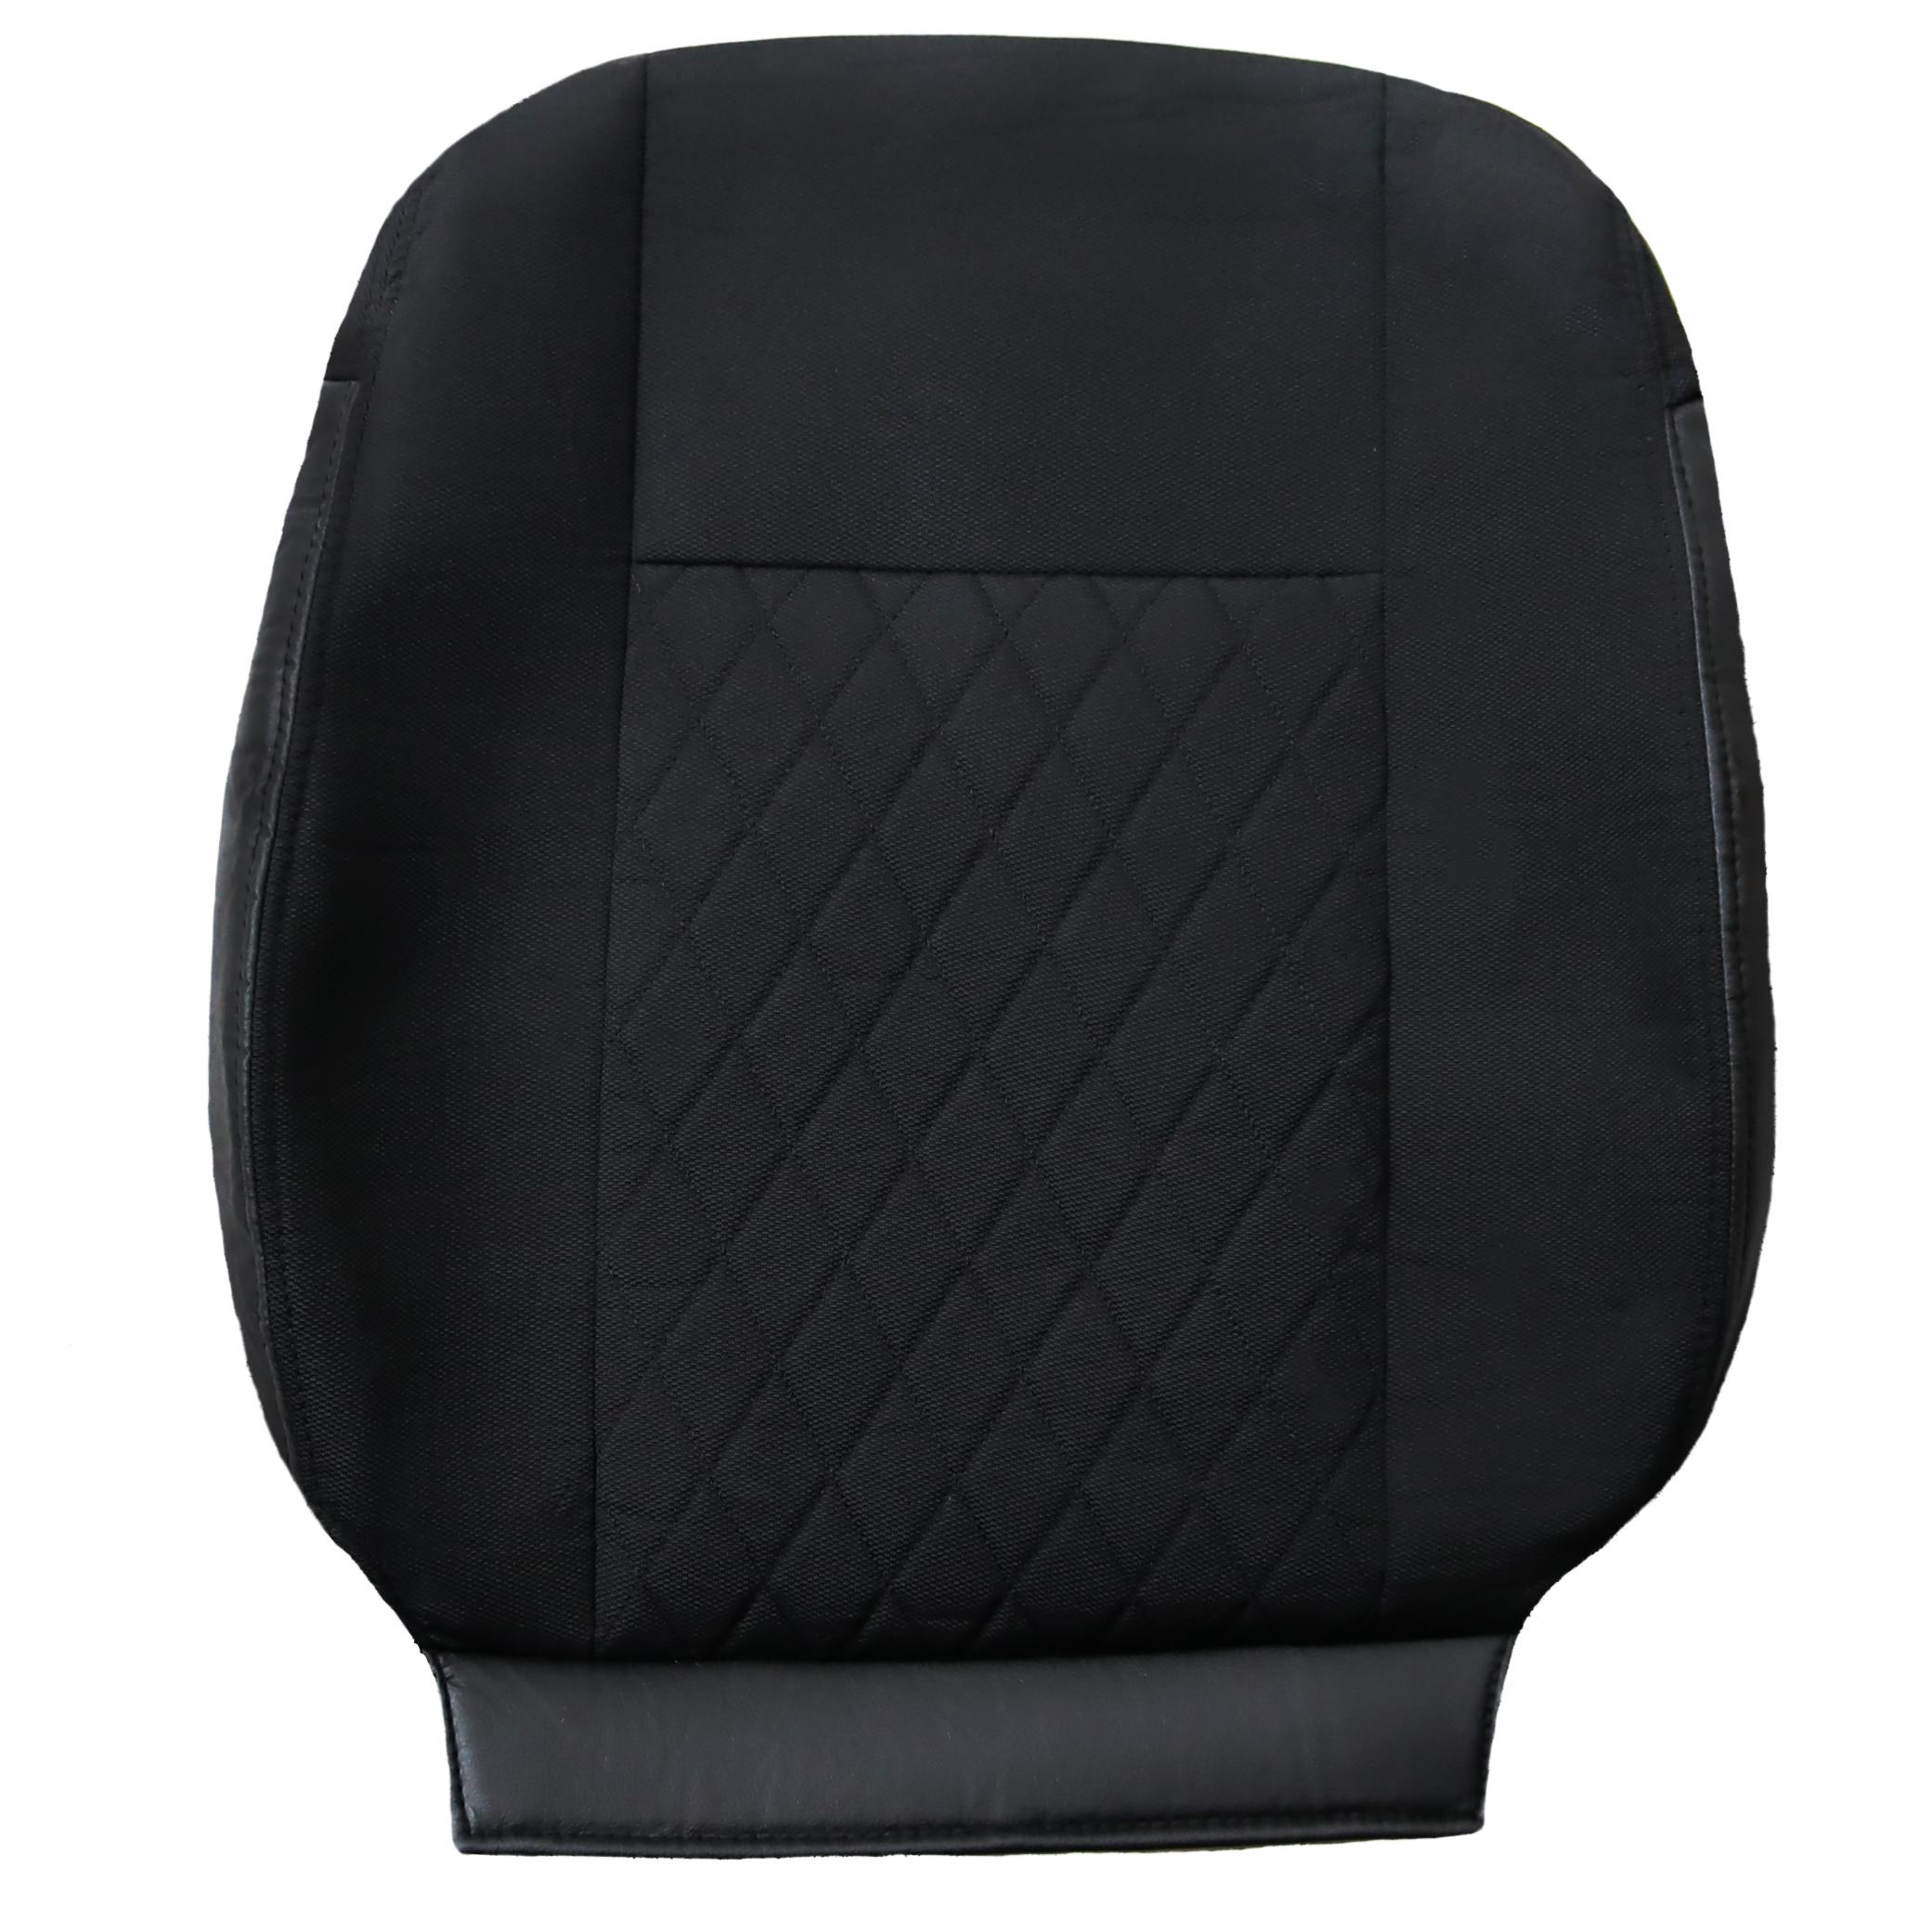 روکش صندلی خودرو مدل A_107 مناسب برای رنو ال 90